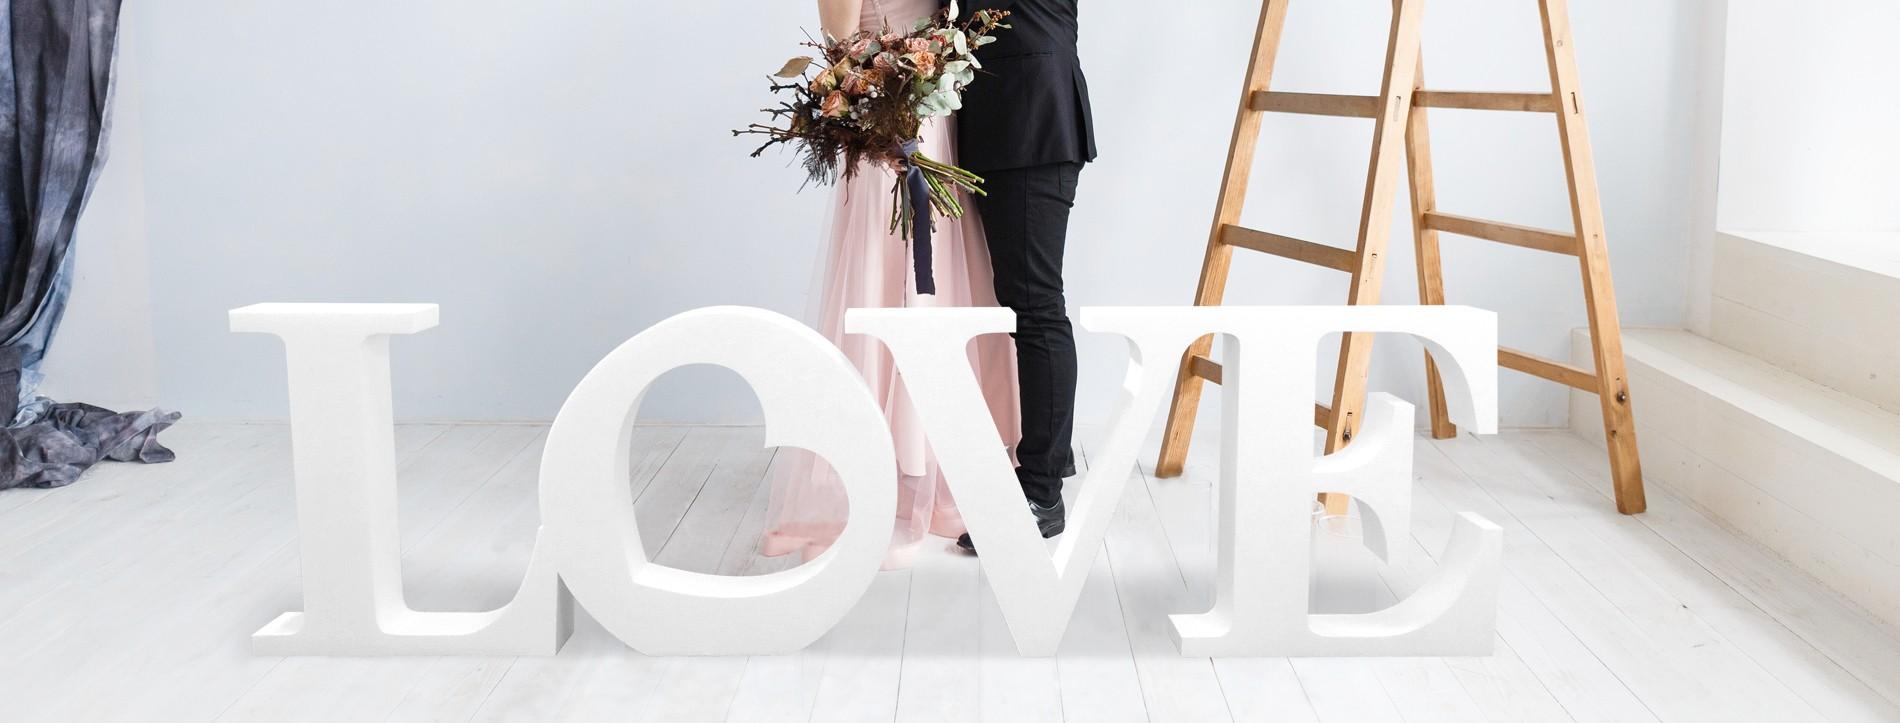 LOVE géant en polystyrène bloc avec coeur décoration évènementiels Mariage Saint-Valentin Fêtes amour Mots et lettres célébration